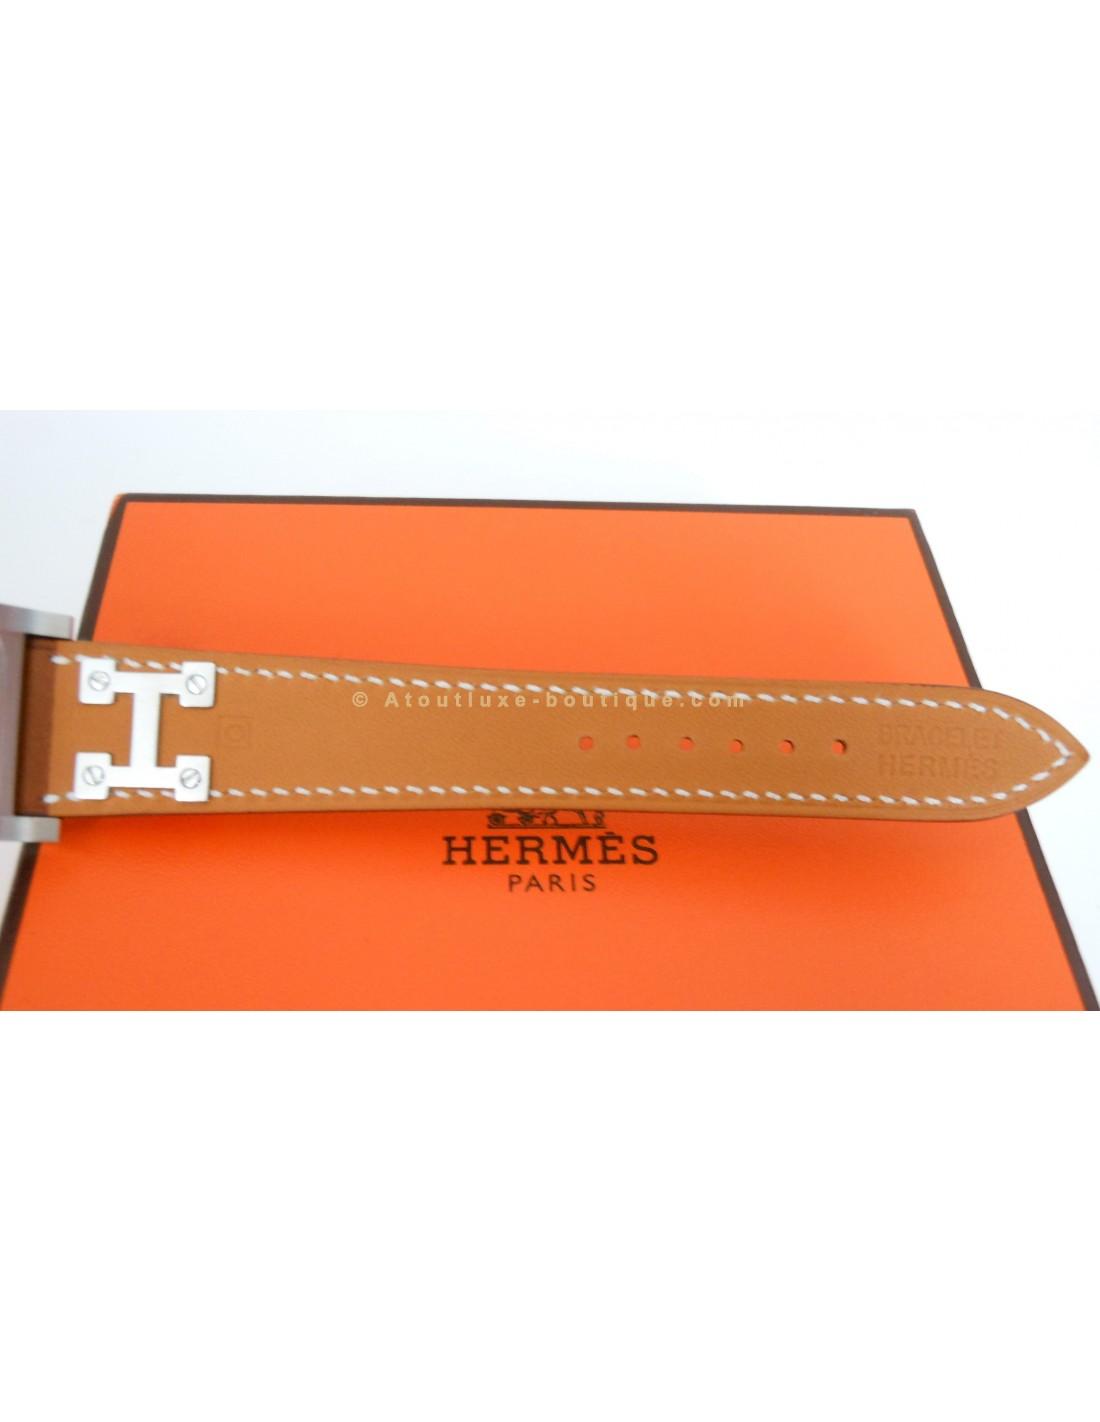 Cape Cod Groupon: Montre Bracelet Hermes Prix